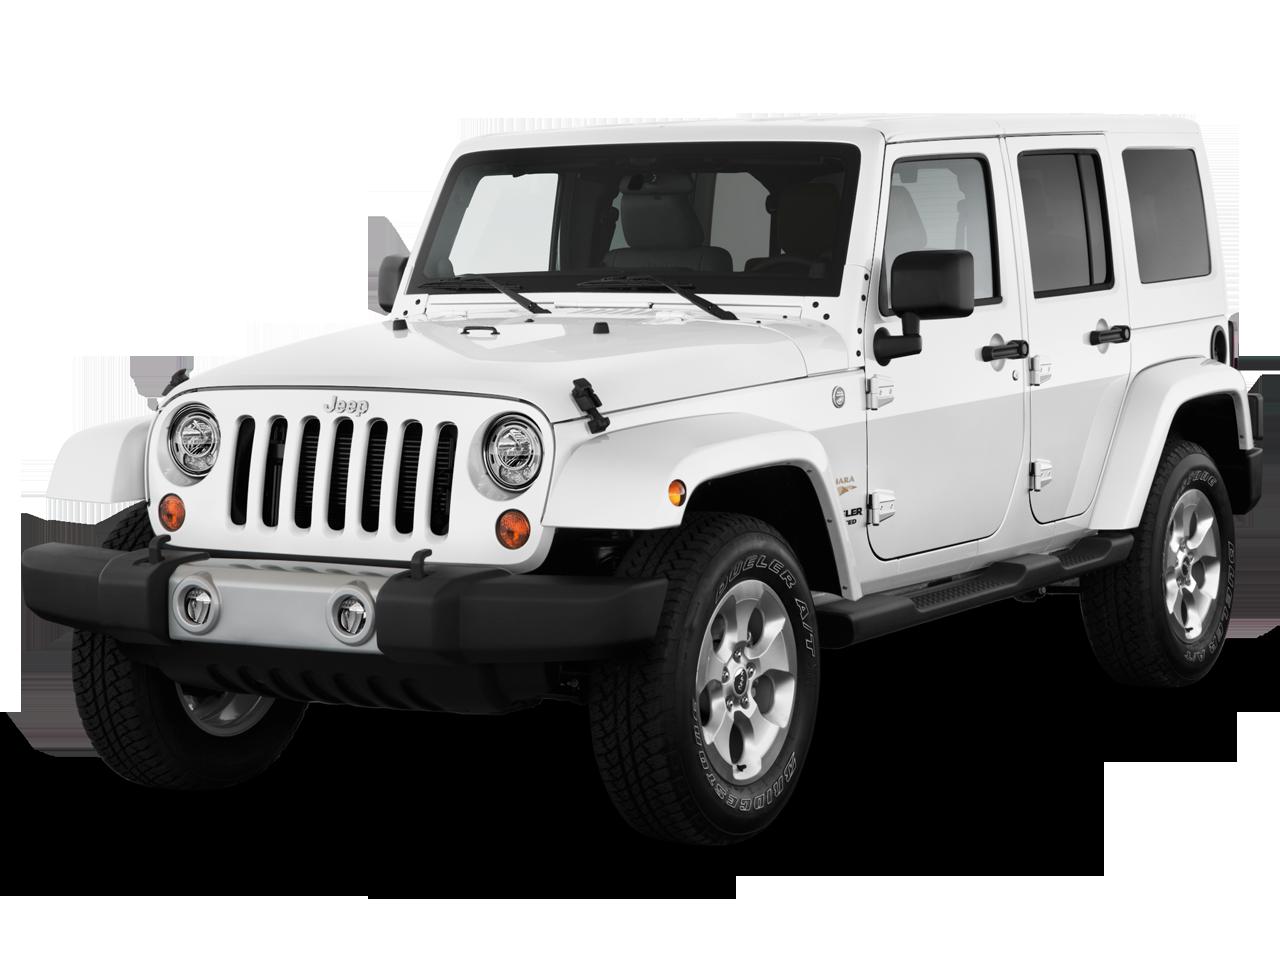 chrysler dodge jeep dealer incentives hayes chrysler dodge jeep. Black Bedroom Furniture Sets. Home Design Ideas